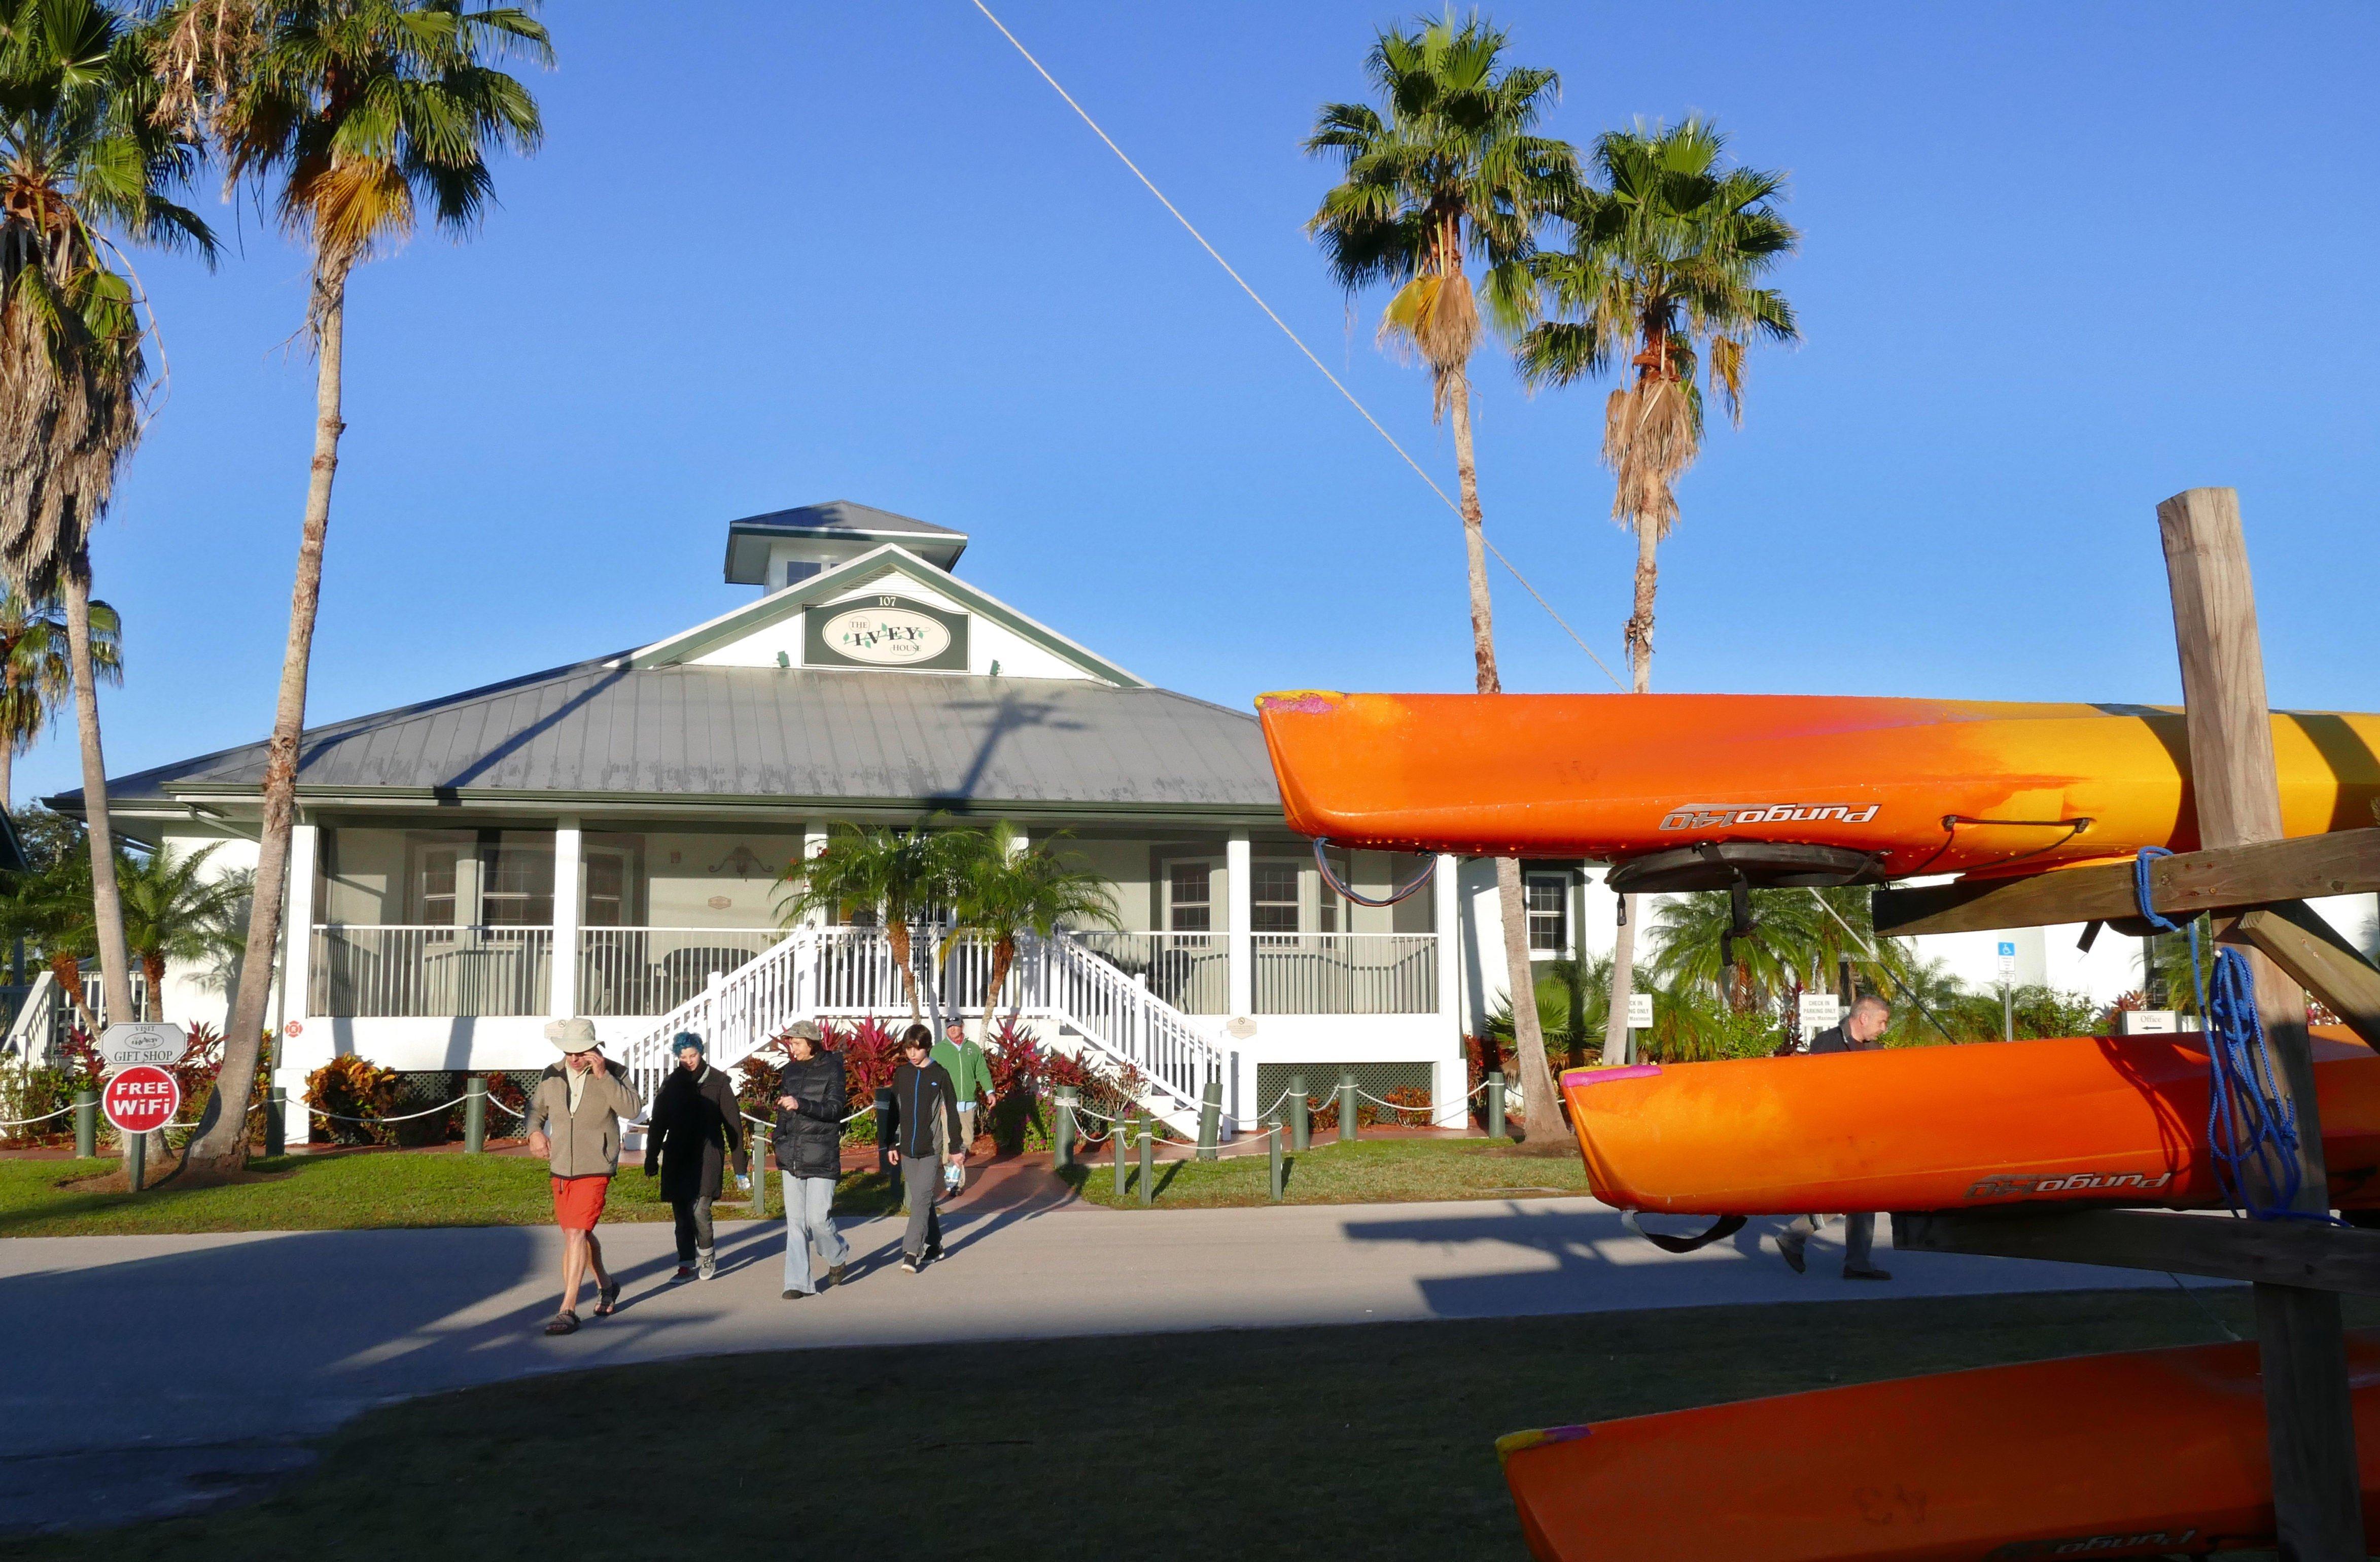 Personas en Everglades City, Florida